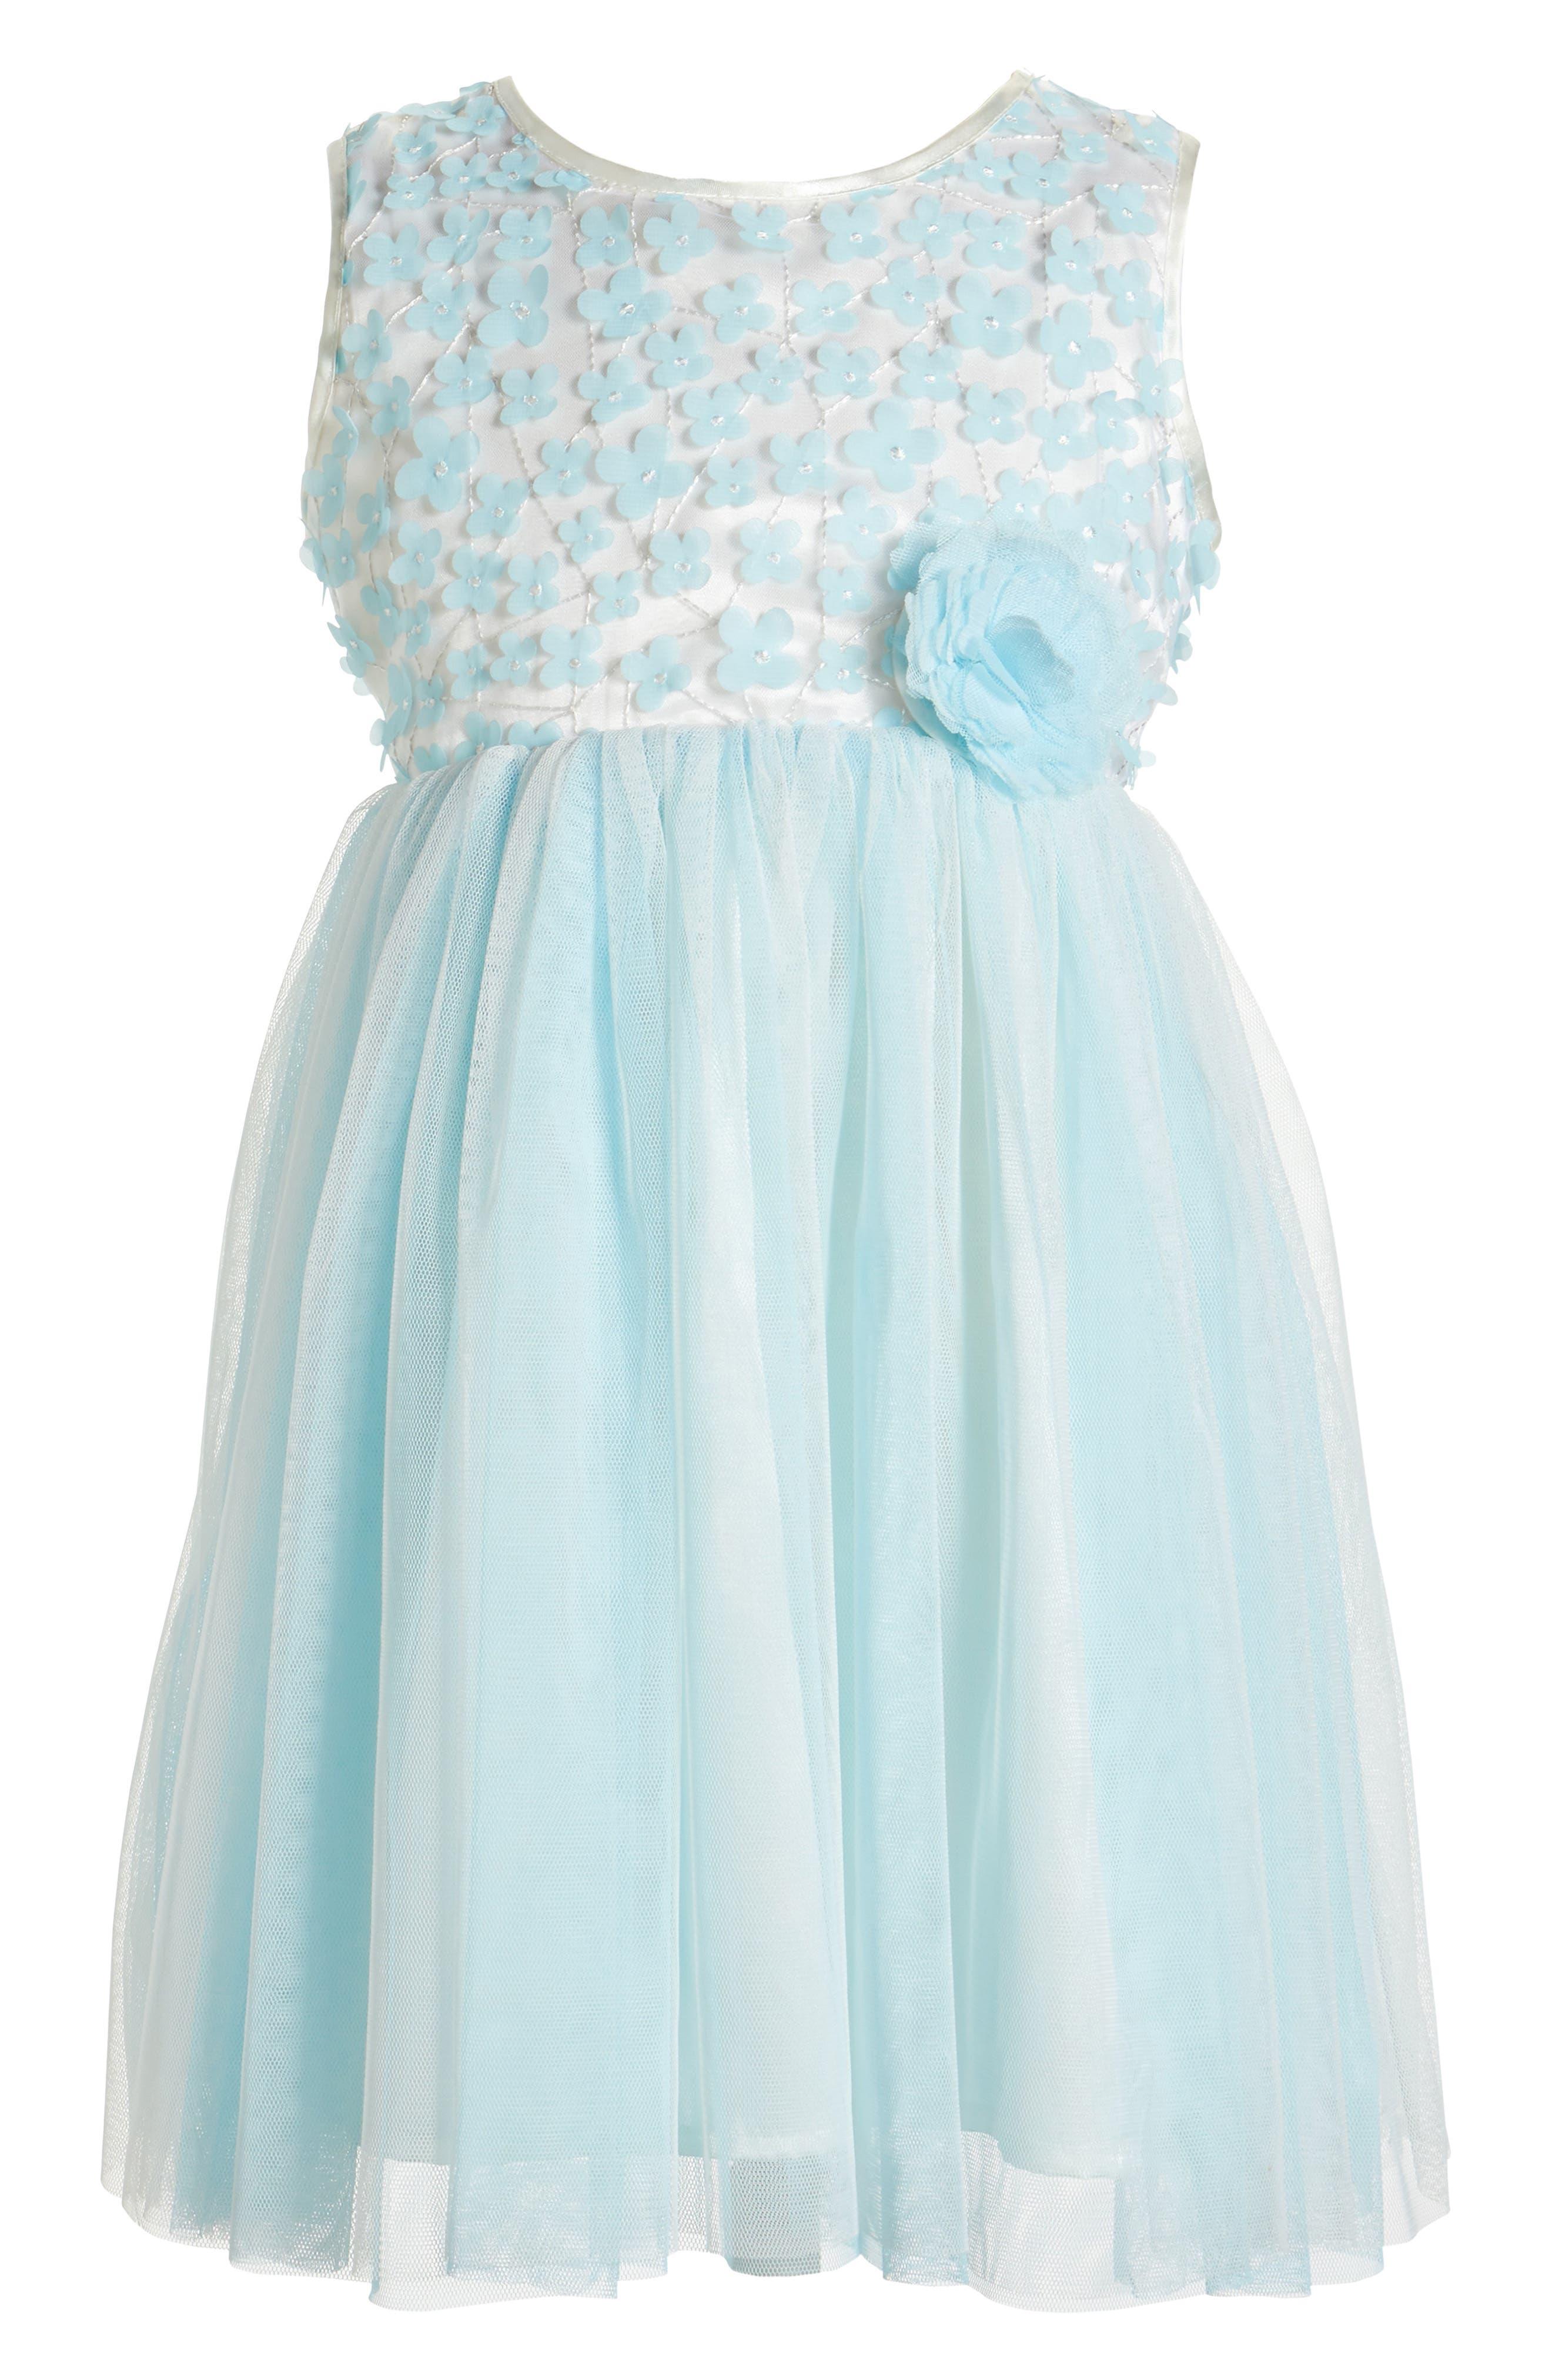 Popatu Sleeveless Floral Dress (Toddler Girls, Little Girls & Big Girls)